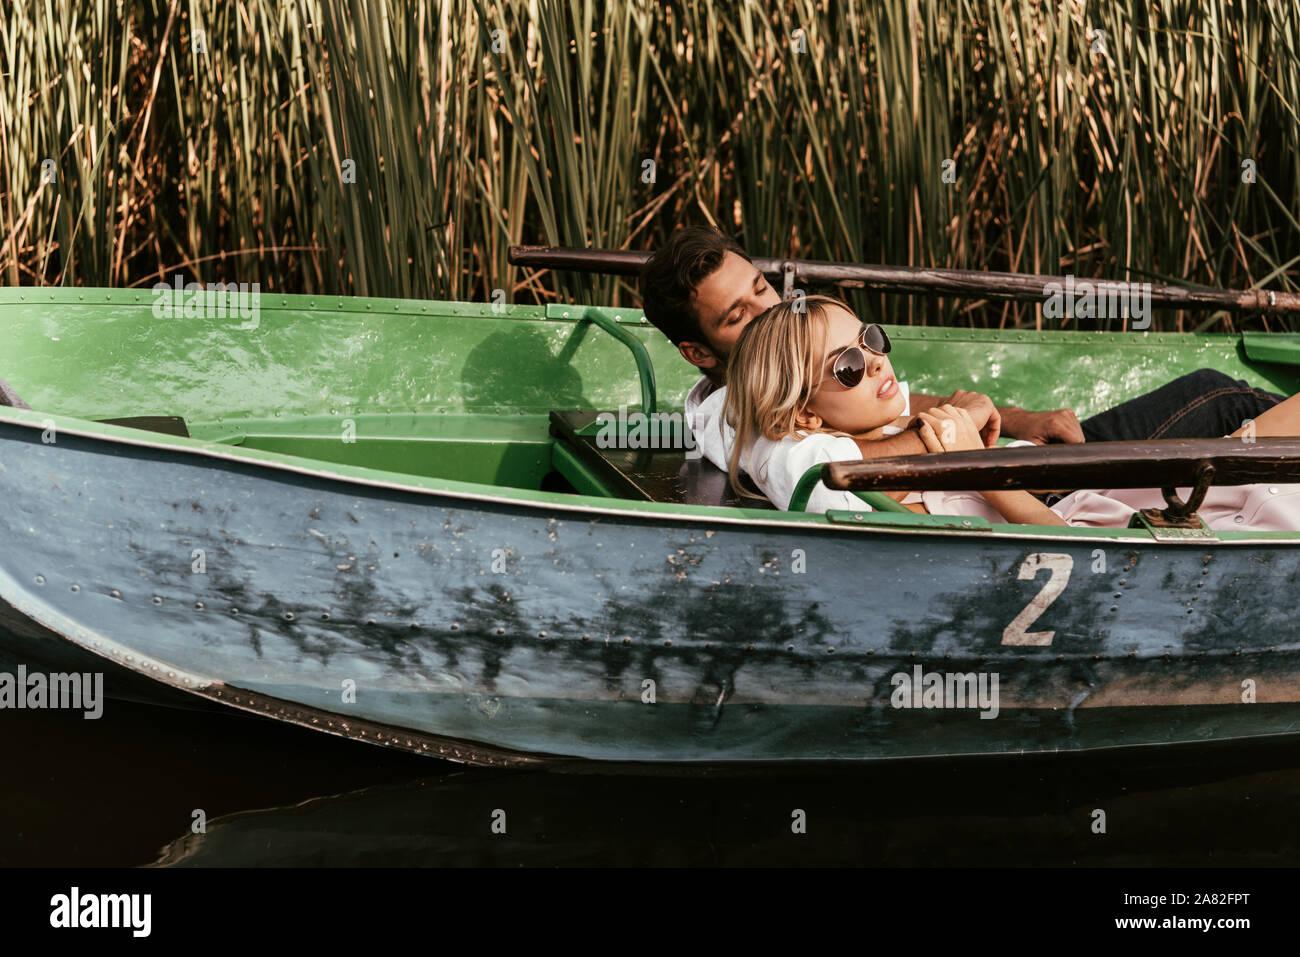 Young couple relaxing in boat on River près de fourrés de carex Banque D'Images